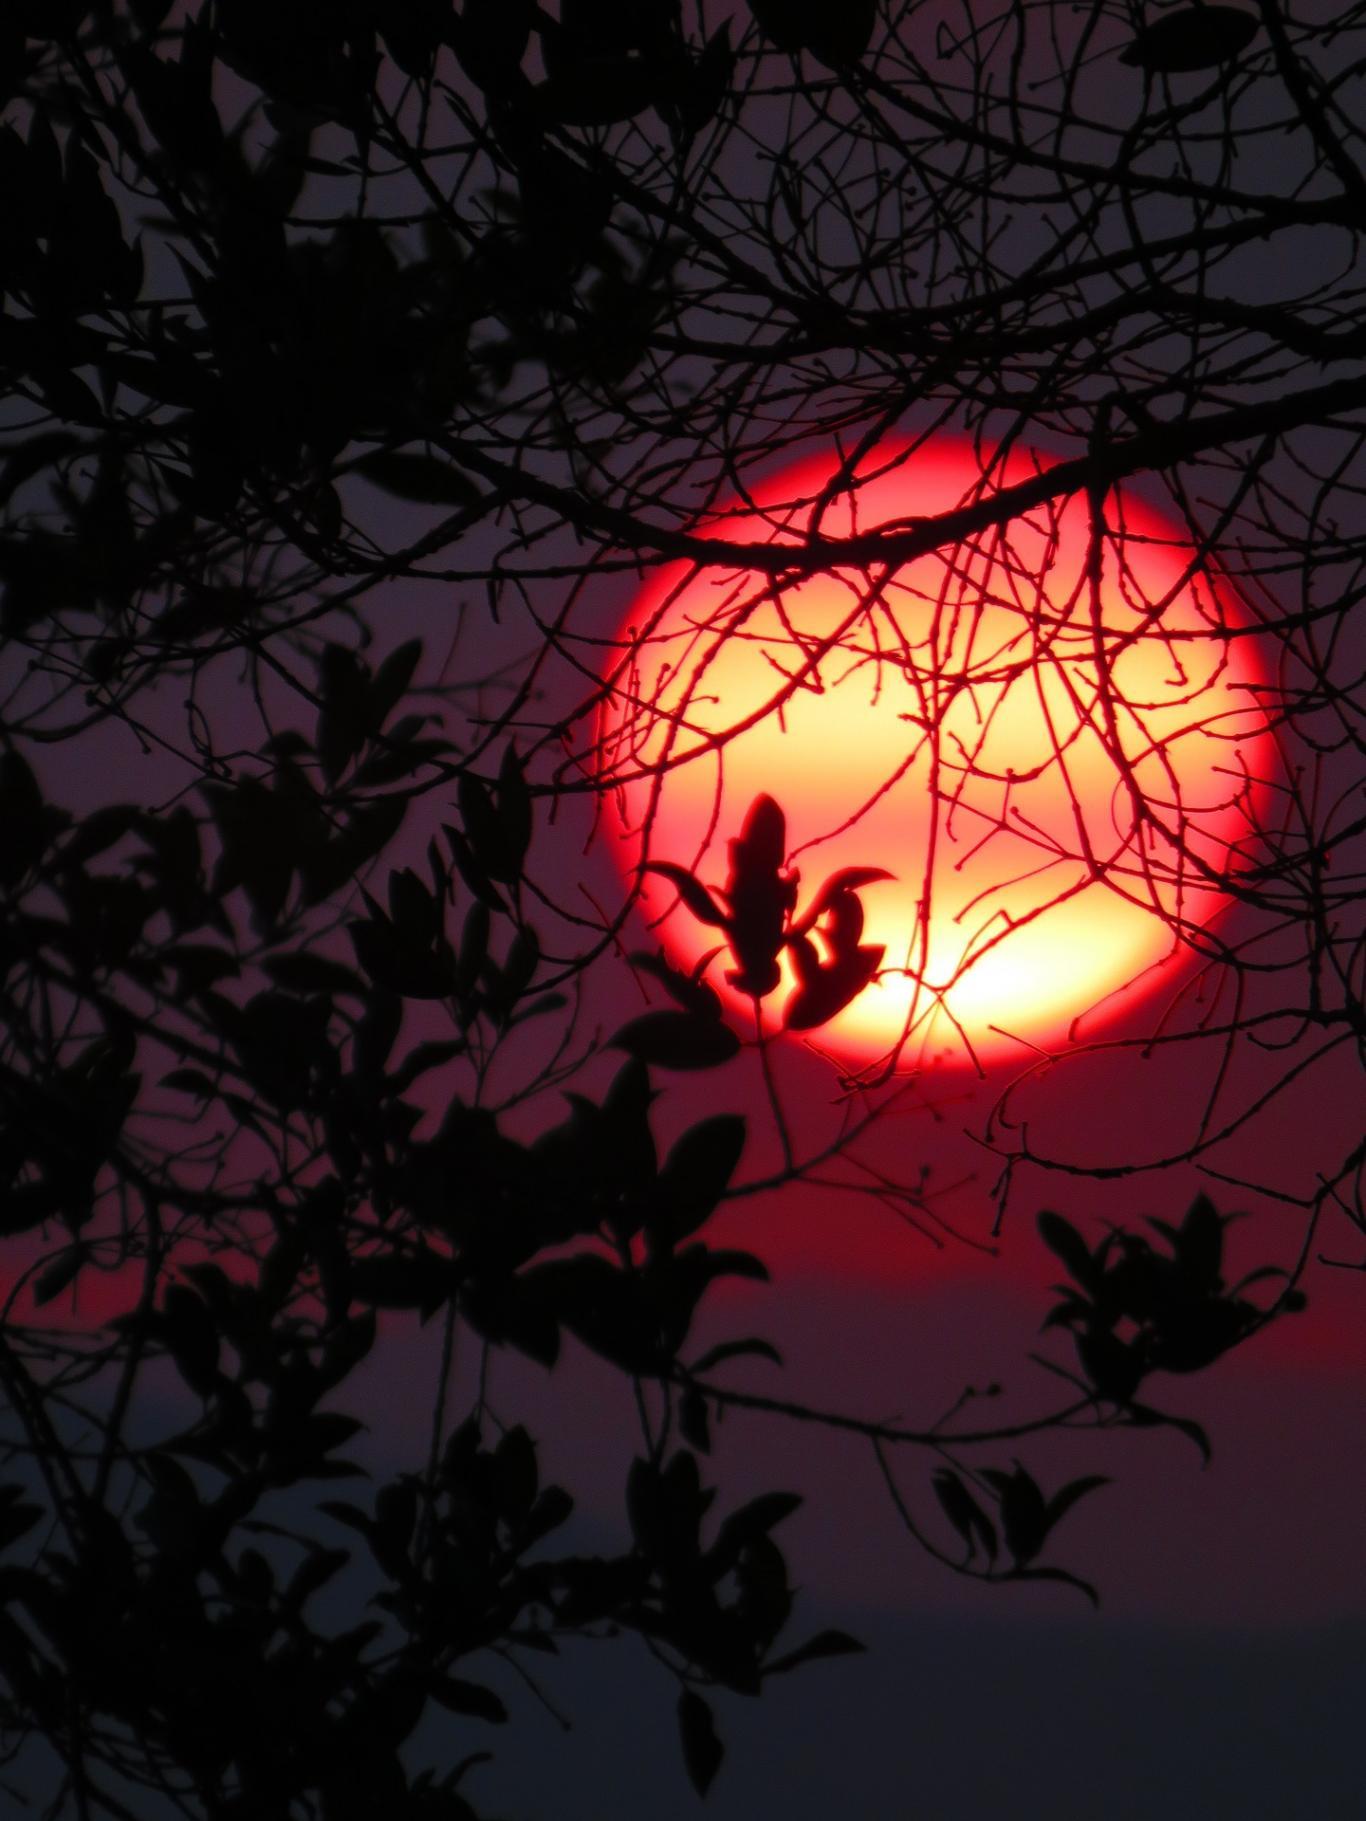 Imagen de un atardecer entre ramas de árbol